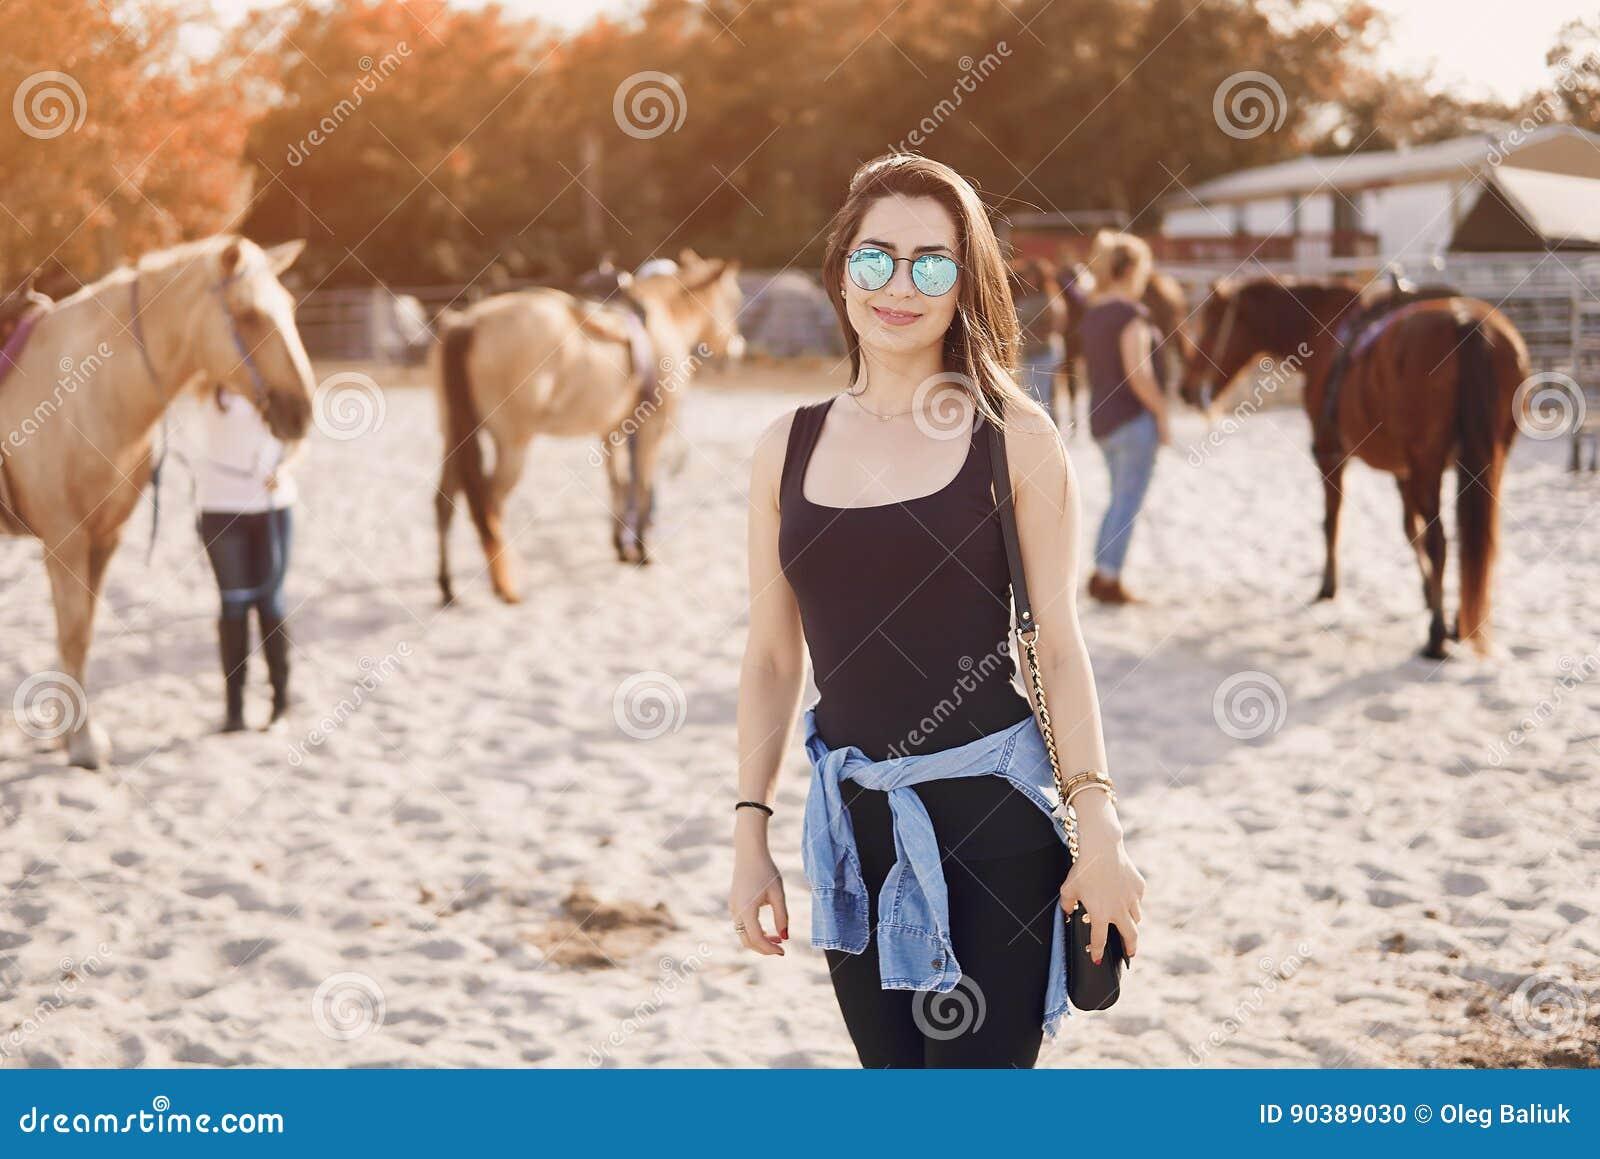 Menina que prepara-se para montar um cavalo